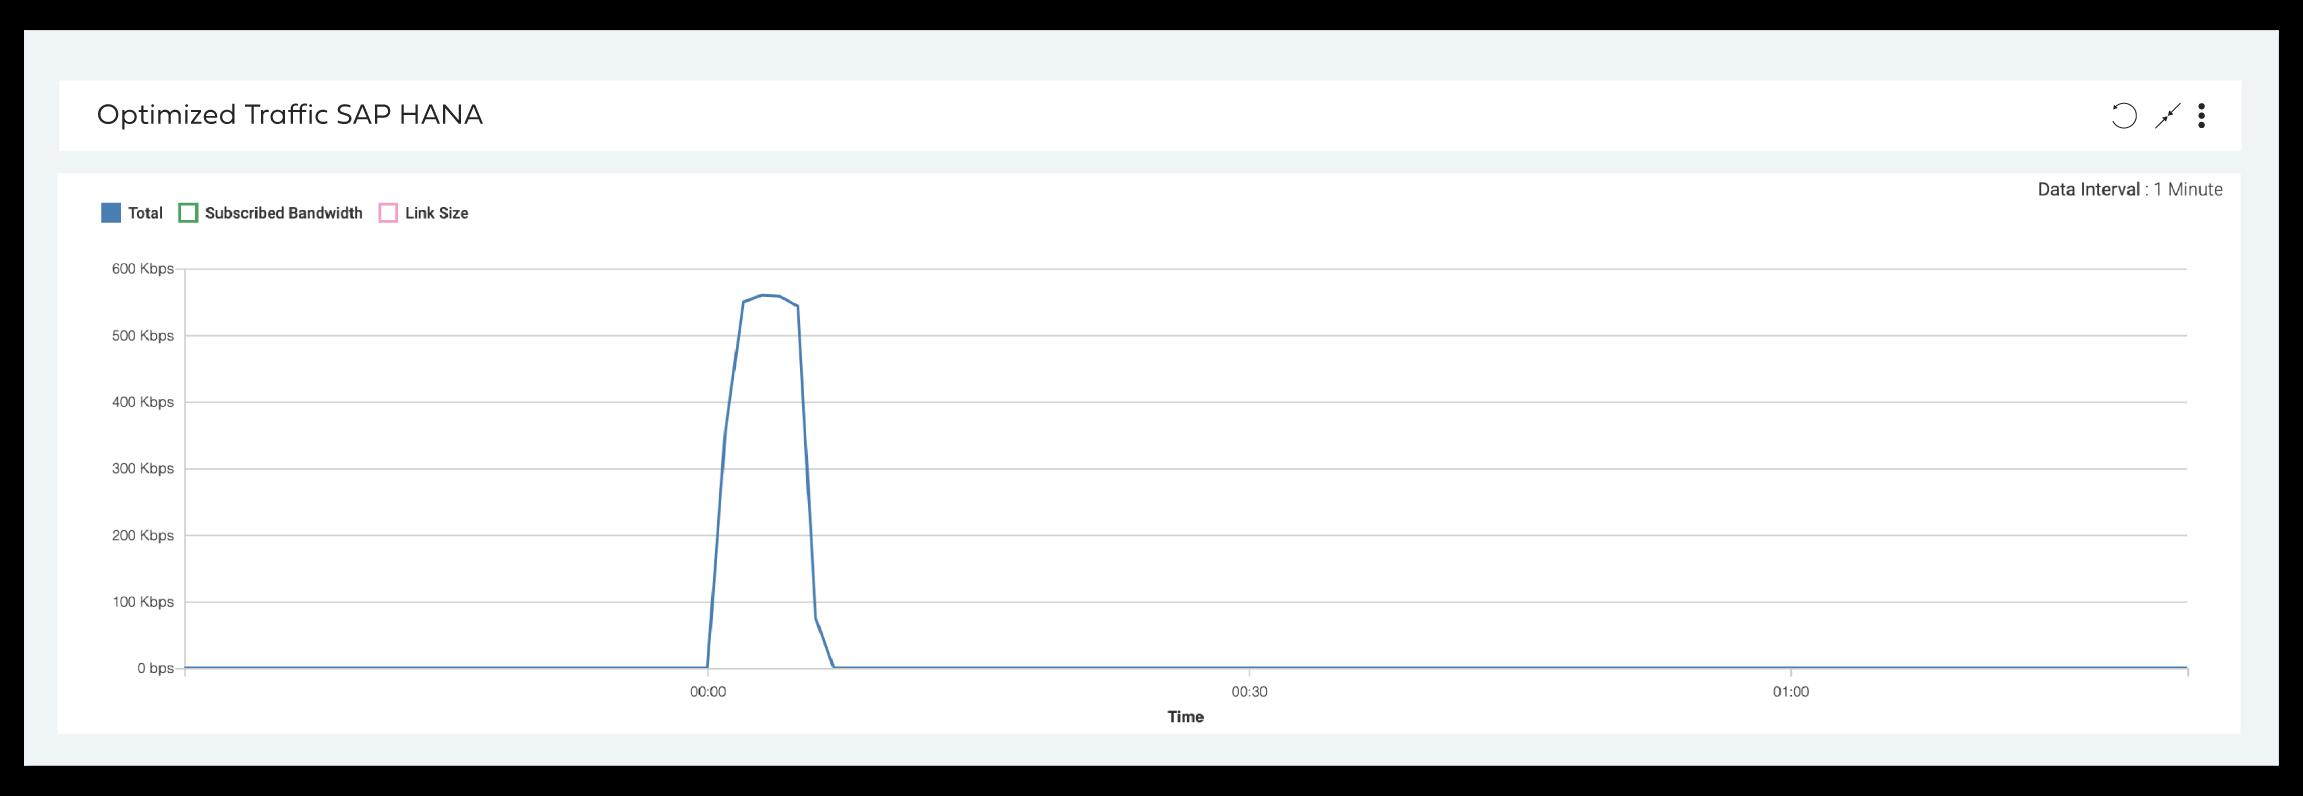 Optimized traffic SAP HANA